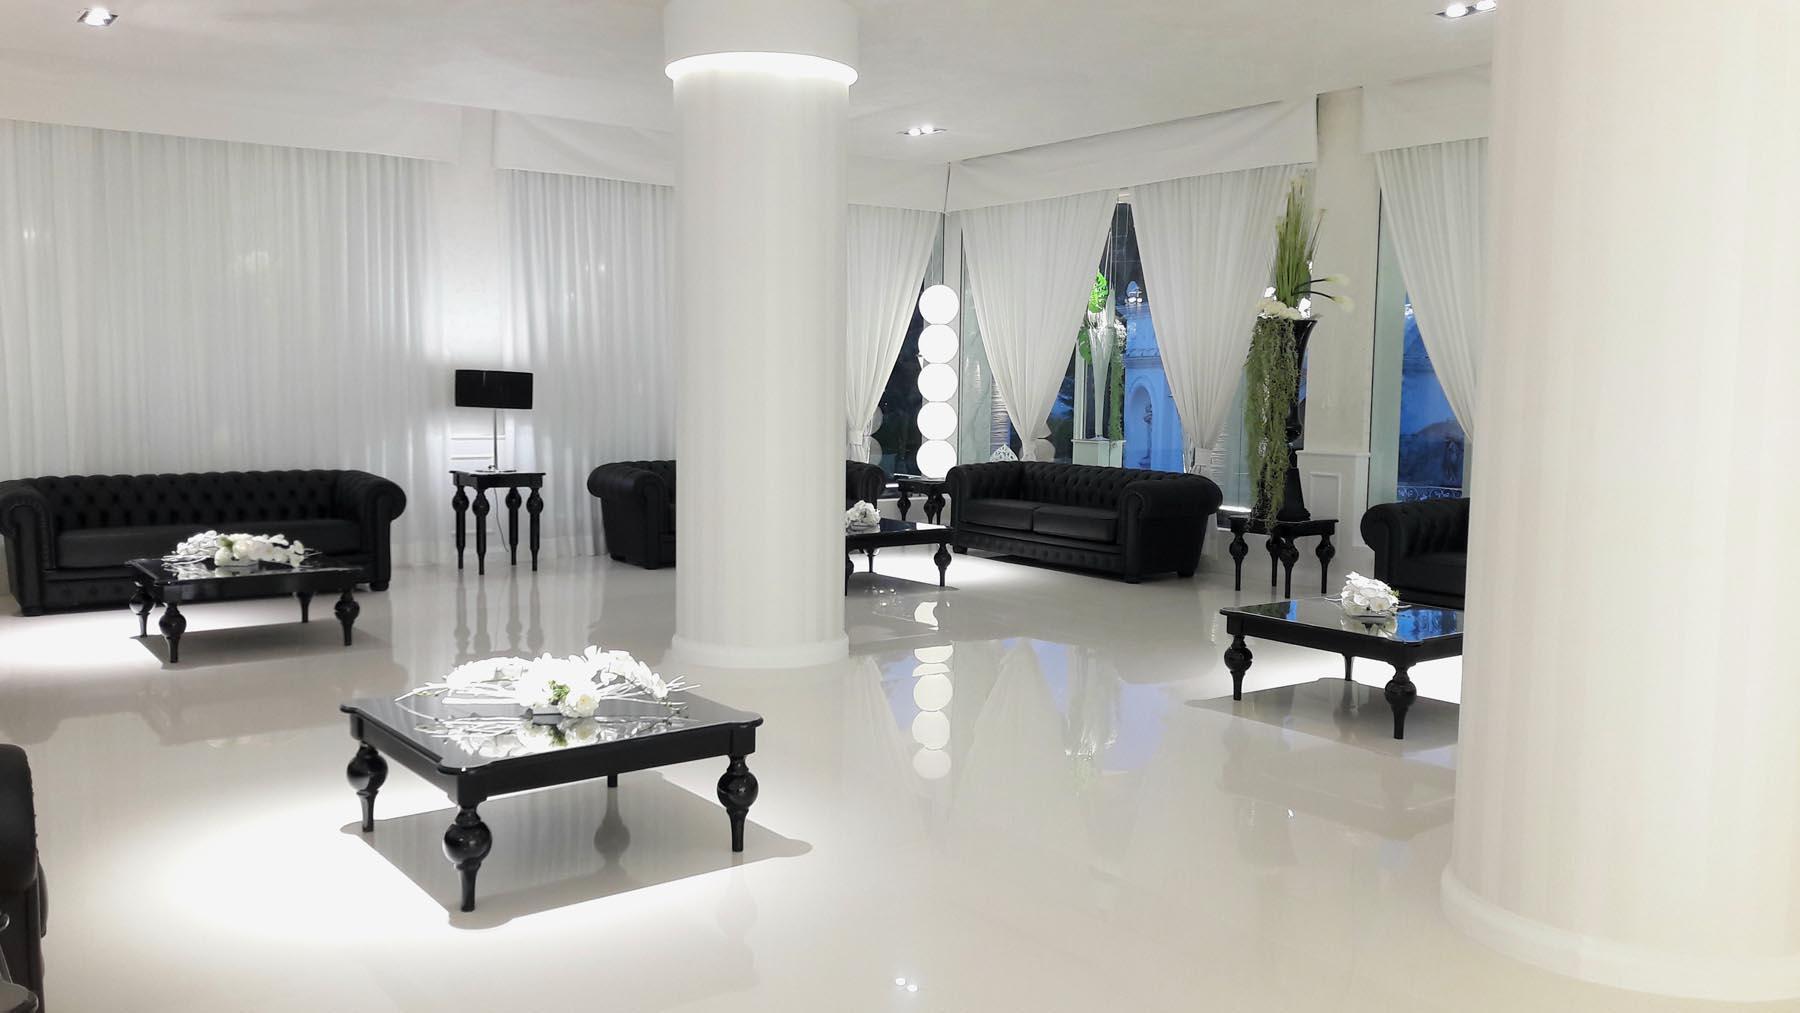 Dea Ebe Black e White in stile chanel (31)